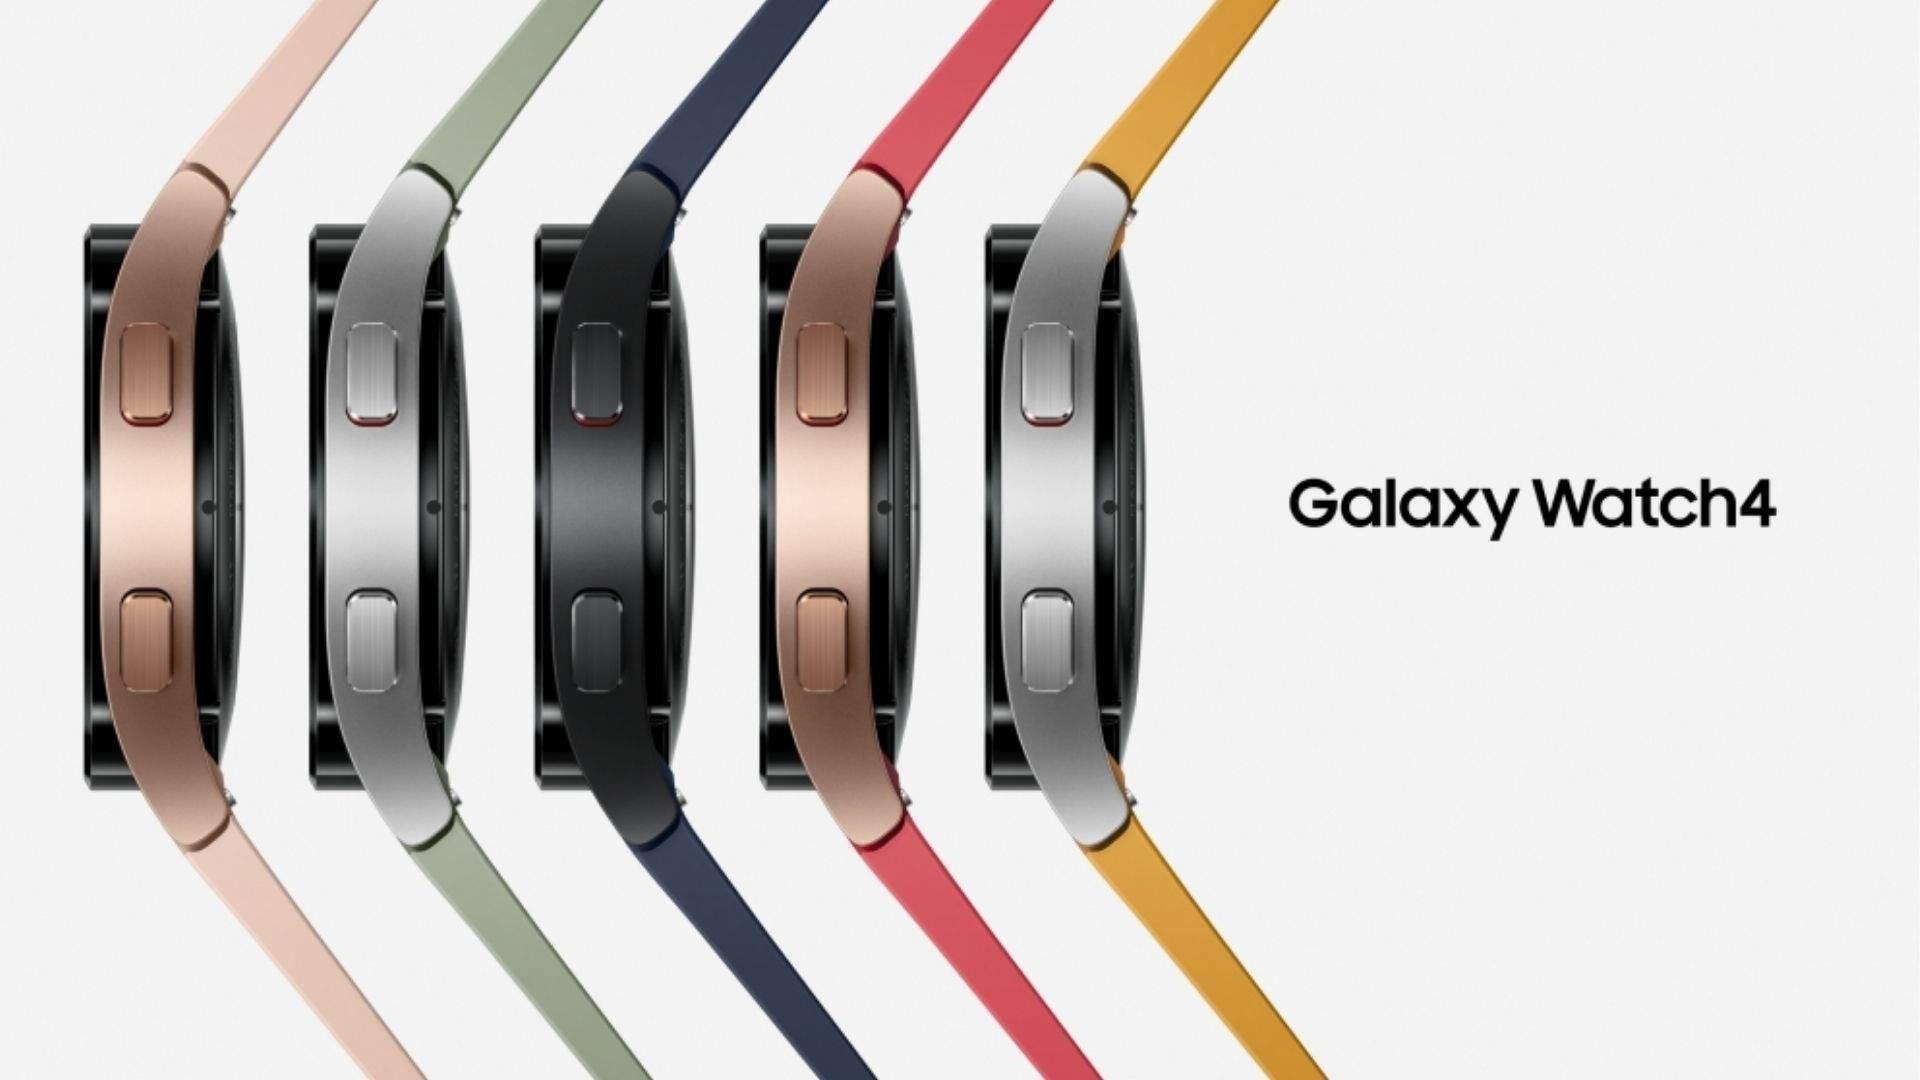 Cinco modelos de Galaxy Watch 4 enfileirados em um fundo branco